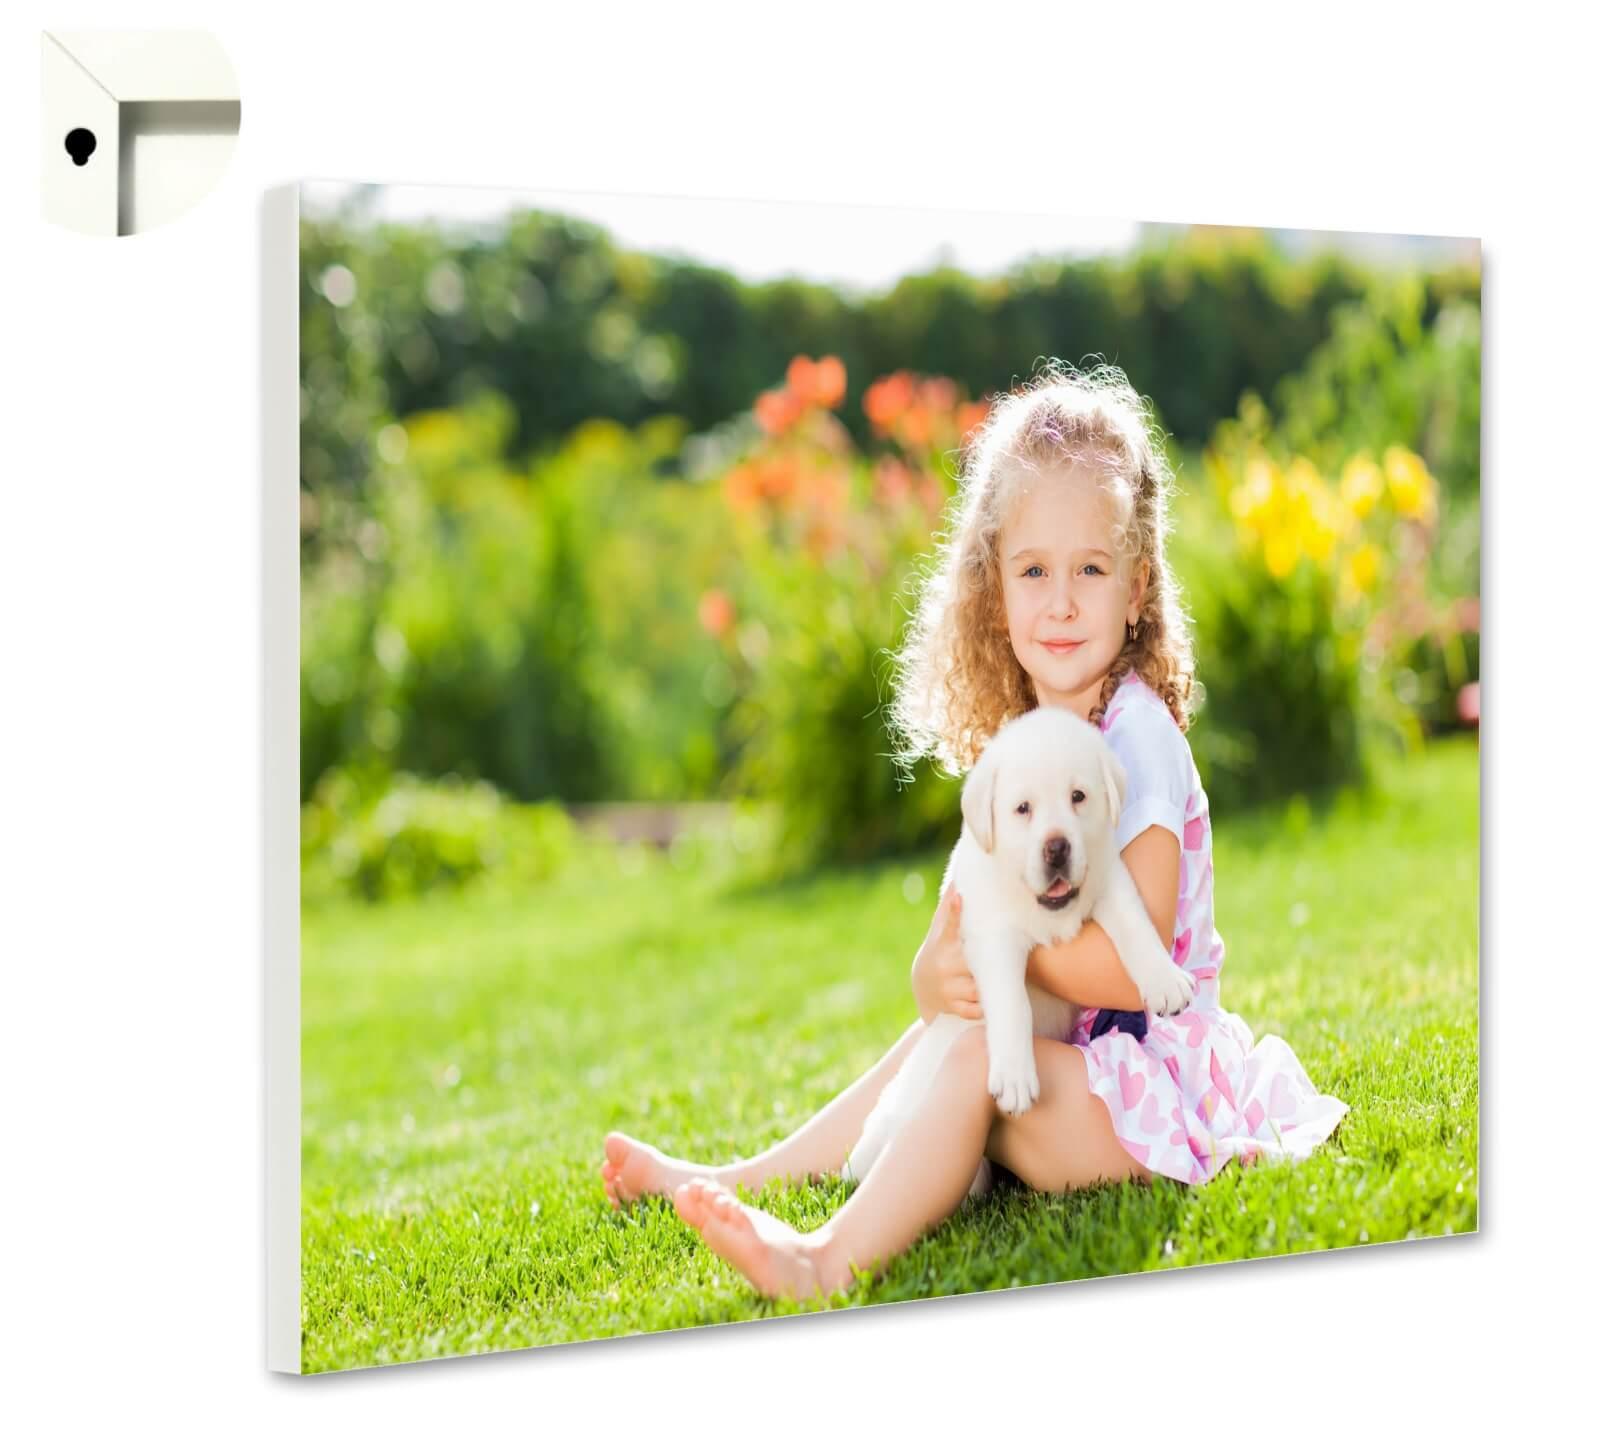 Großartig Fototapete Mit Eigenem Bild Sammlung Von Tafel Pinnwand Wunschmotiv Ihr Eigenes Foto Motiv